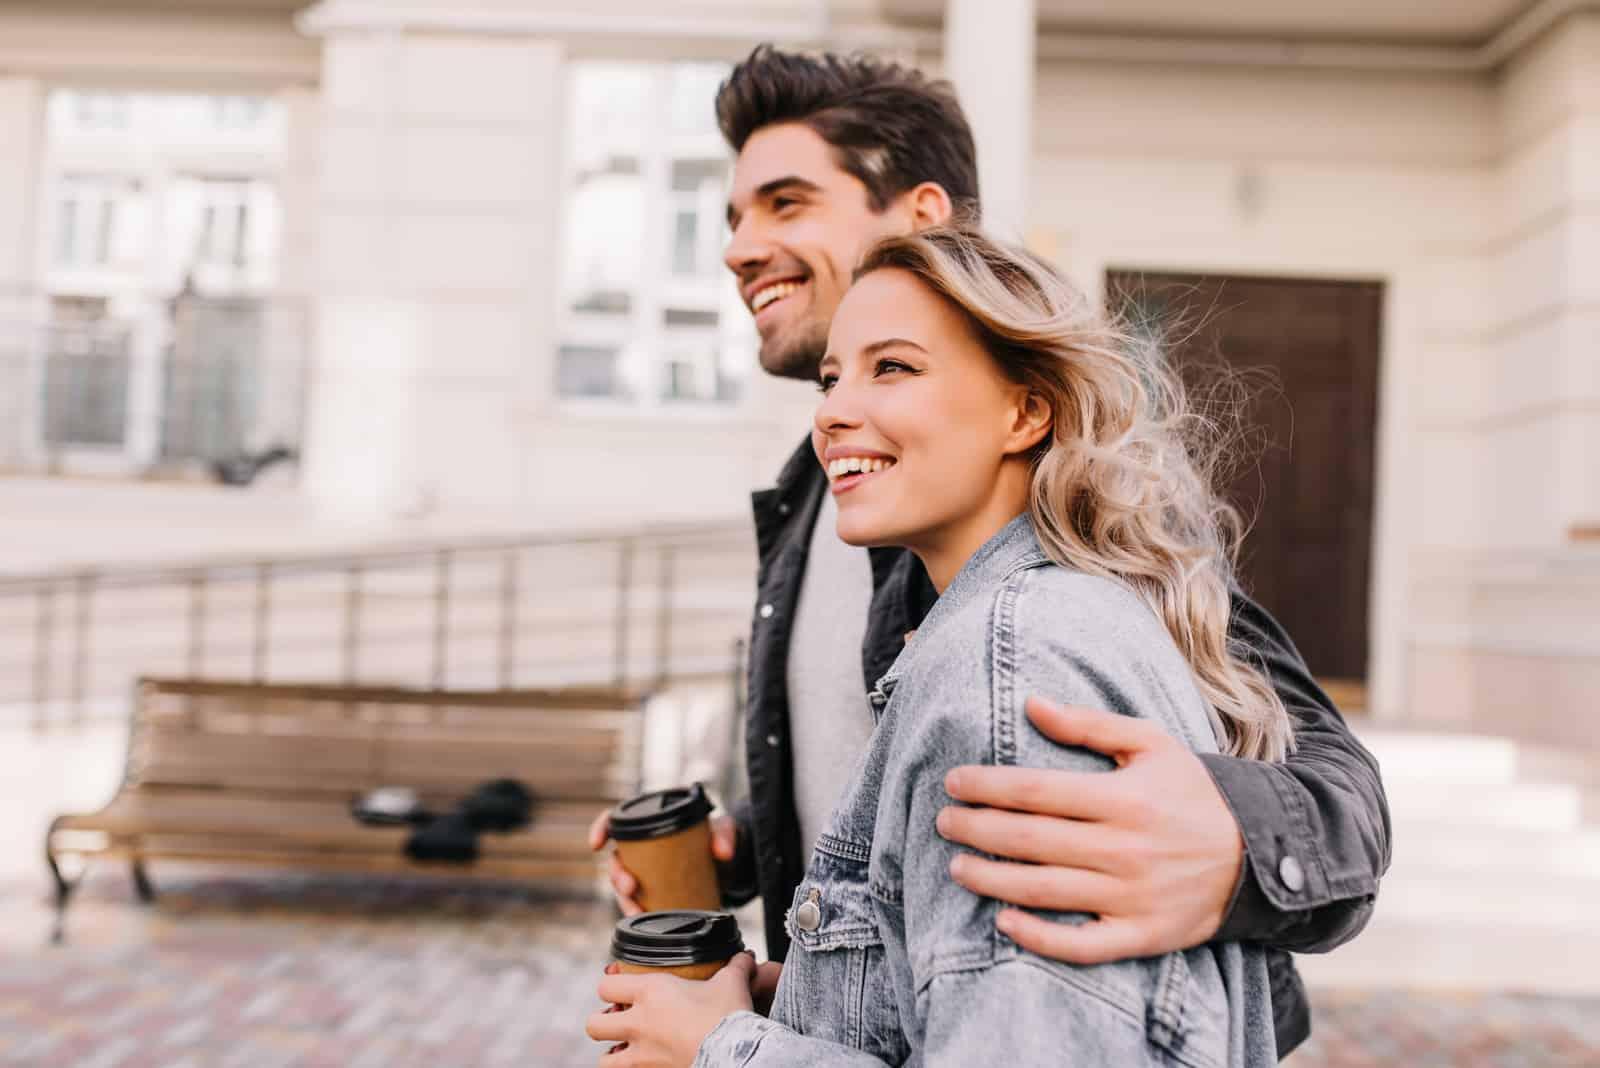 Mädchen trinkt Kaffee beim Spaziergang mit ihrem Freund